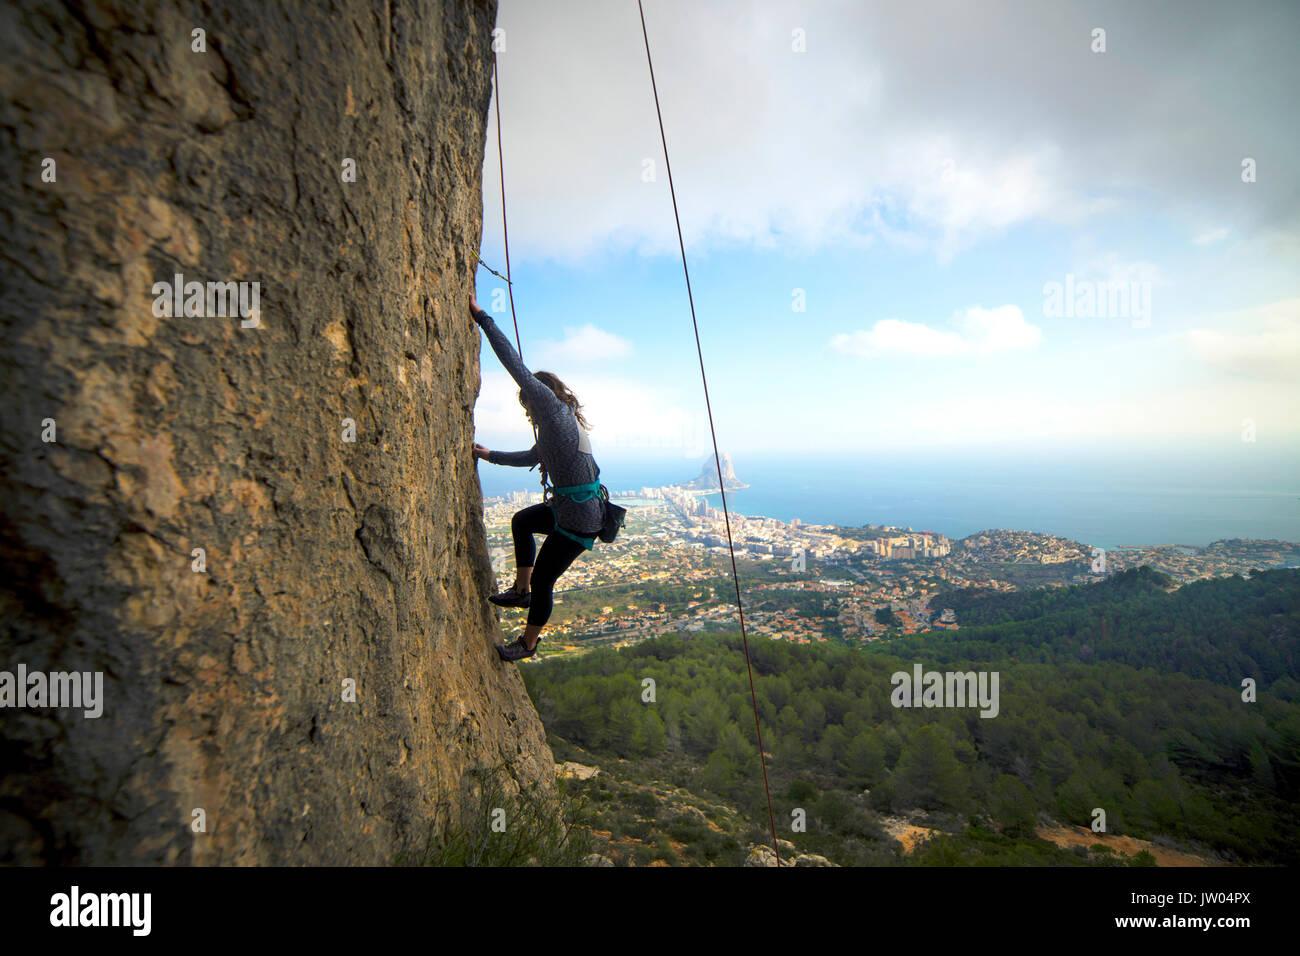 Kletterausrüstung In Der Nähe : Eine frau top rope klettern einer route an olta einen